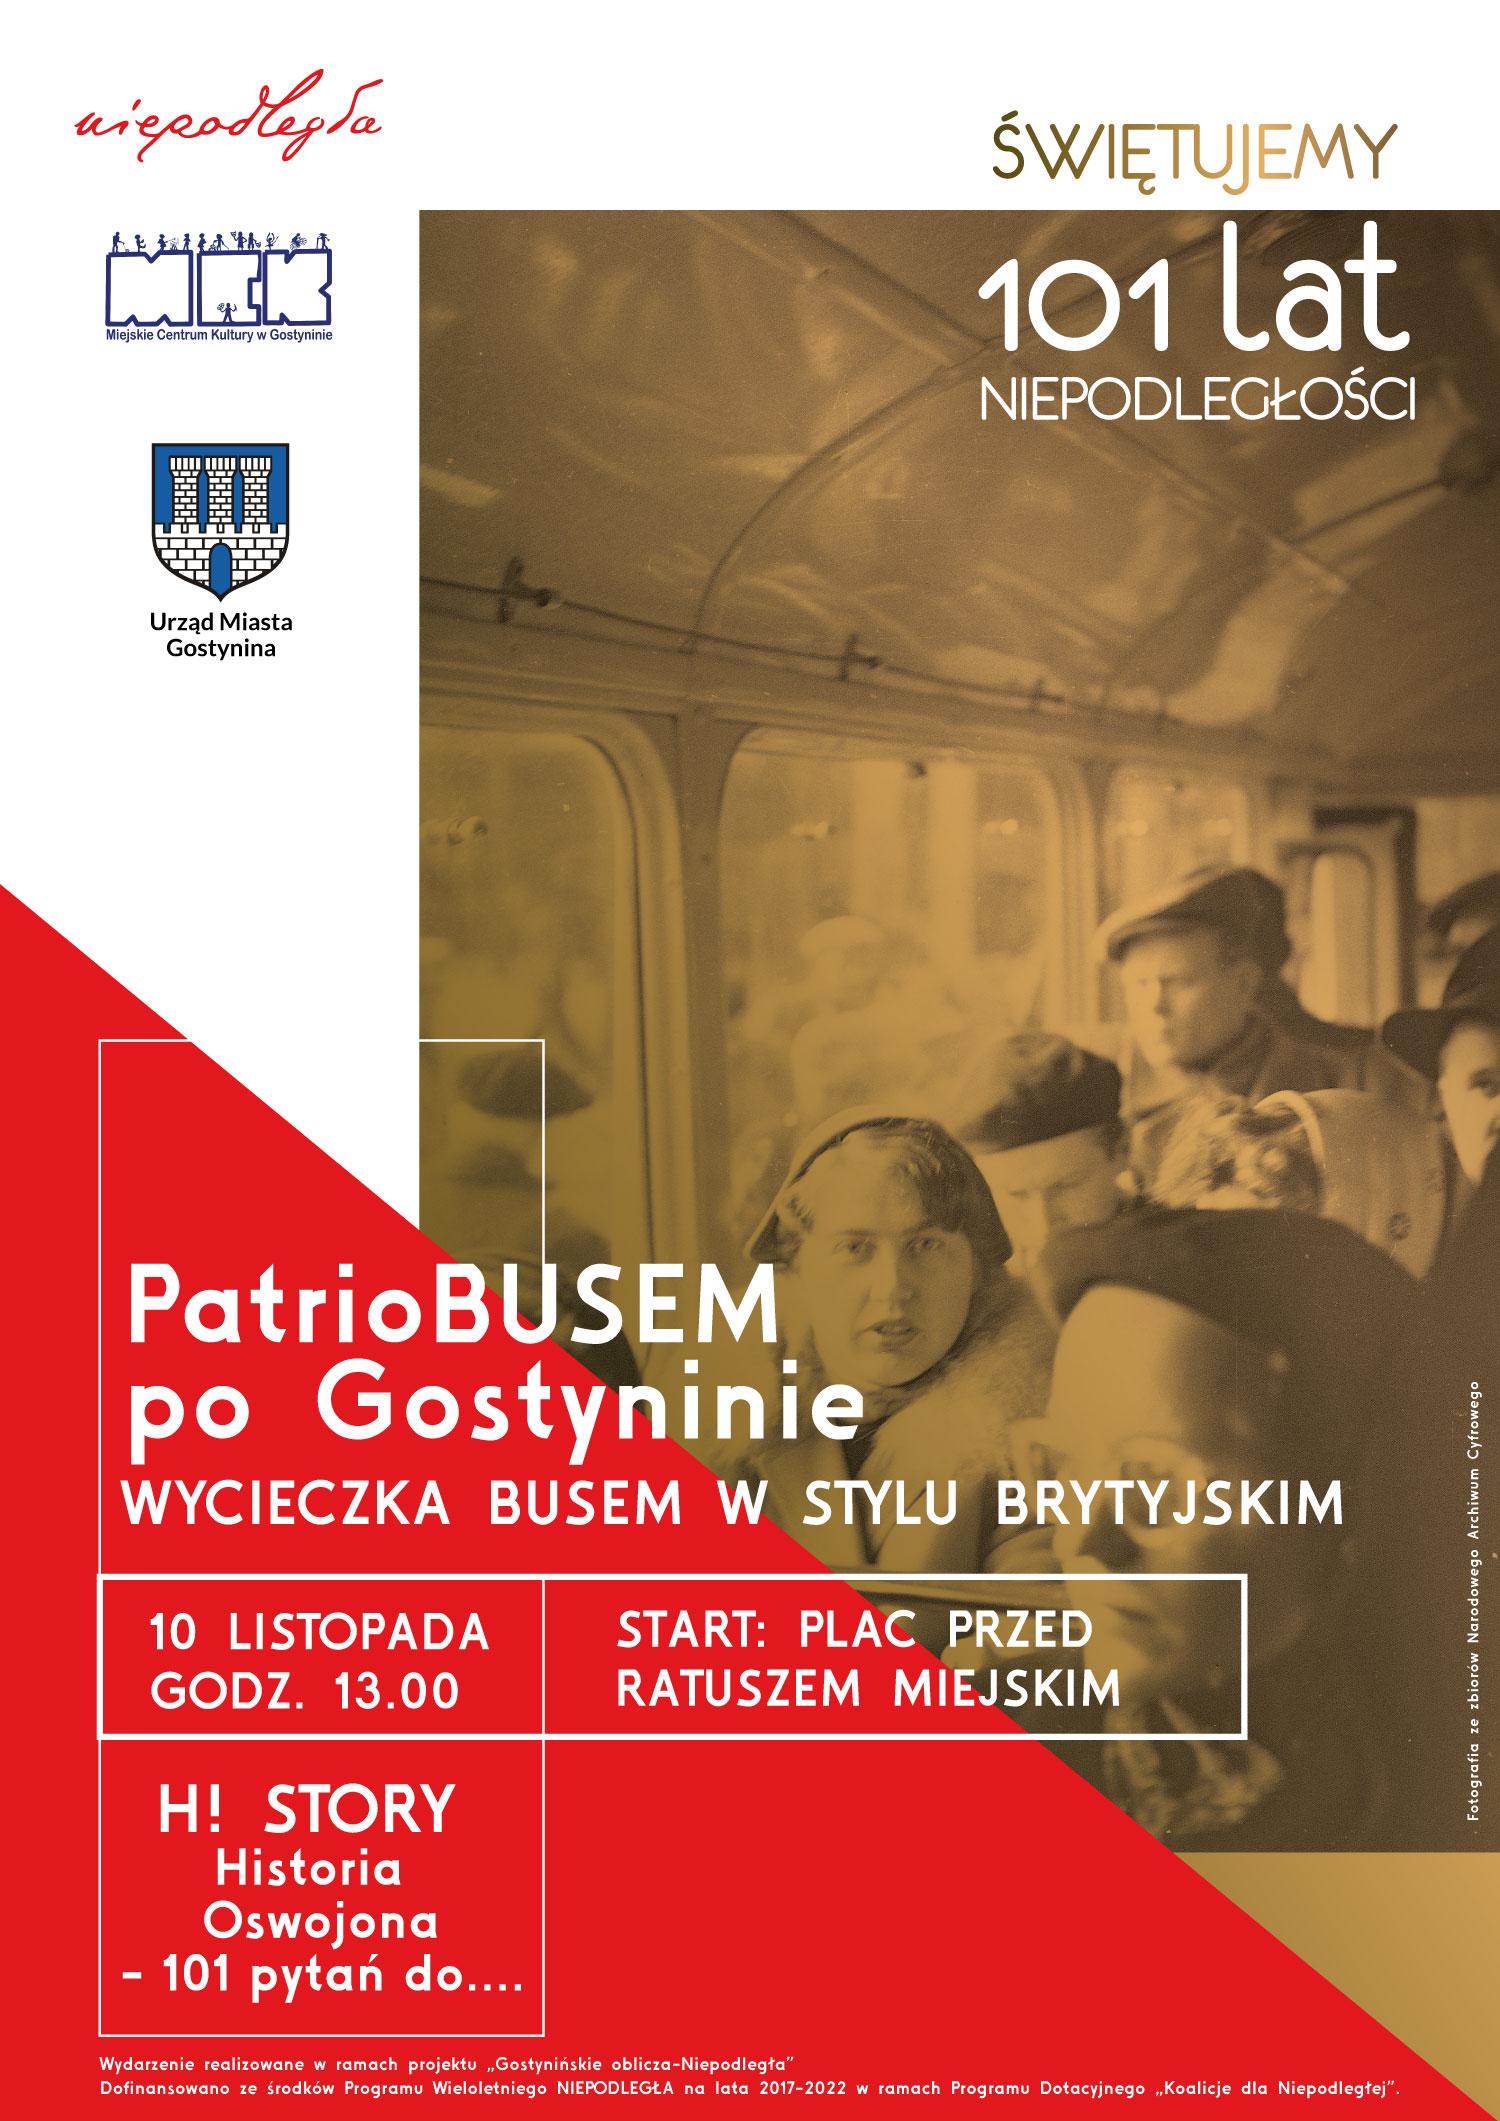 PATRIO-BUSEM PO GOSTYNINIE!